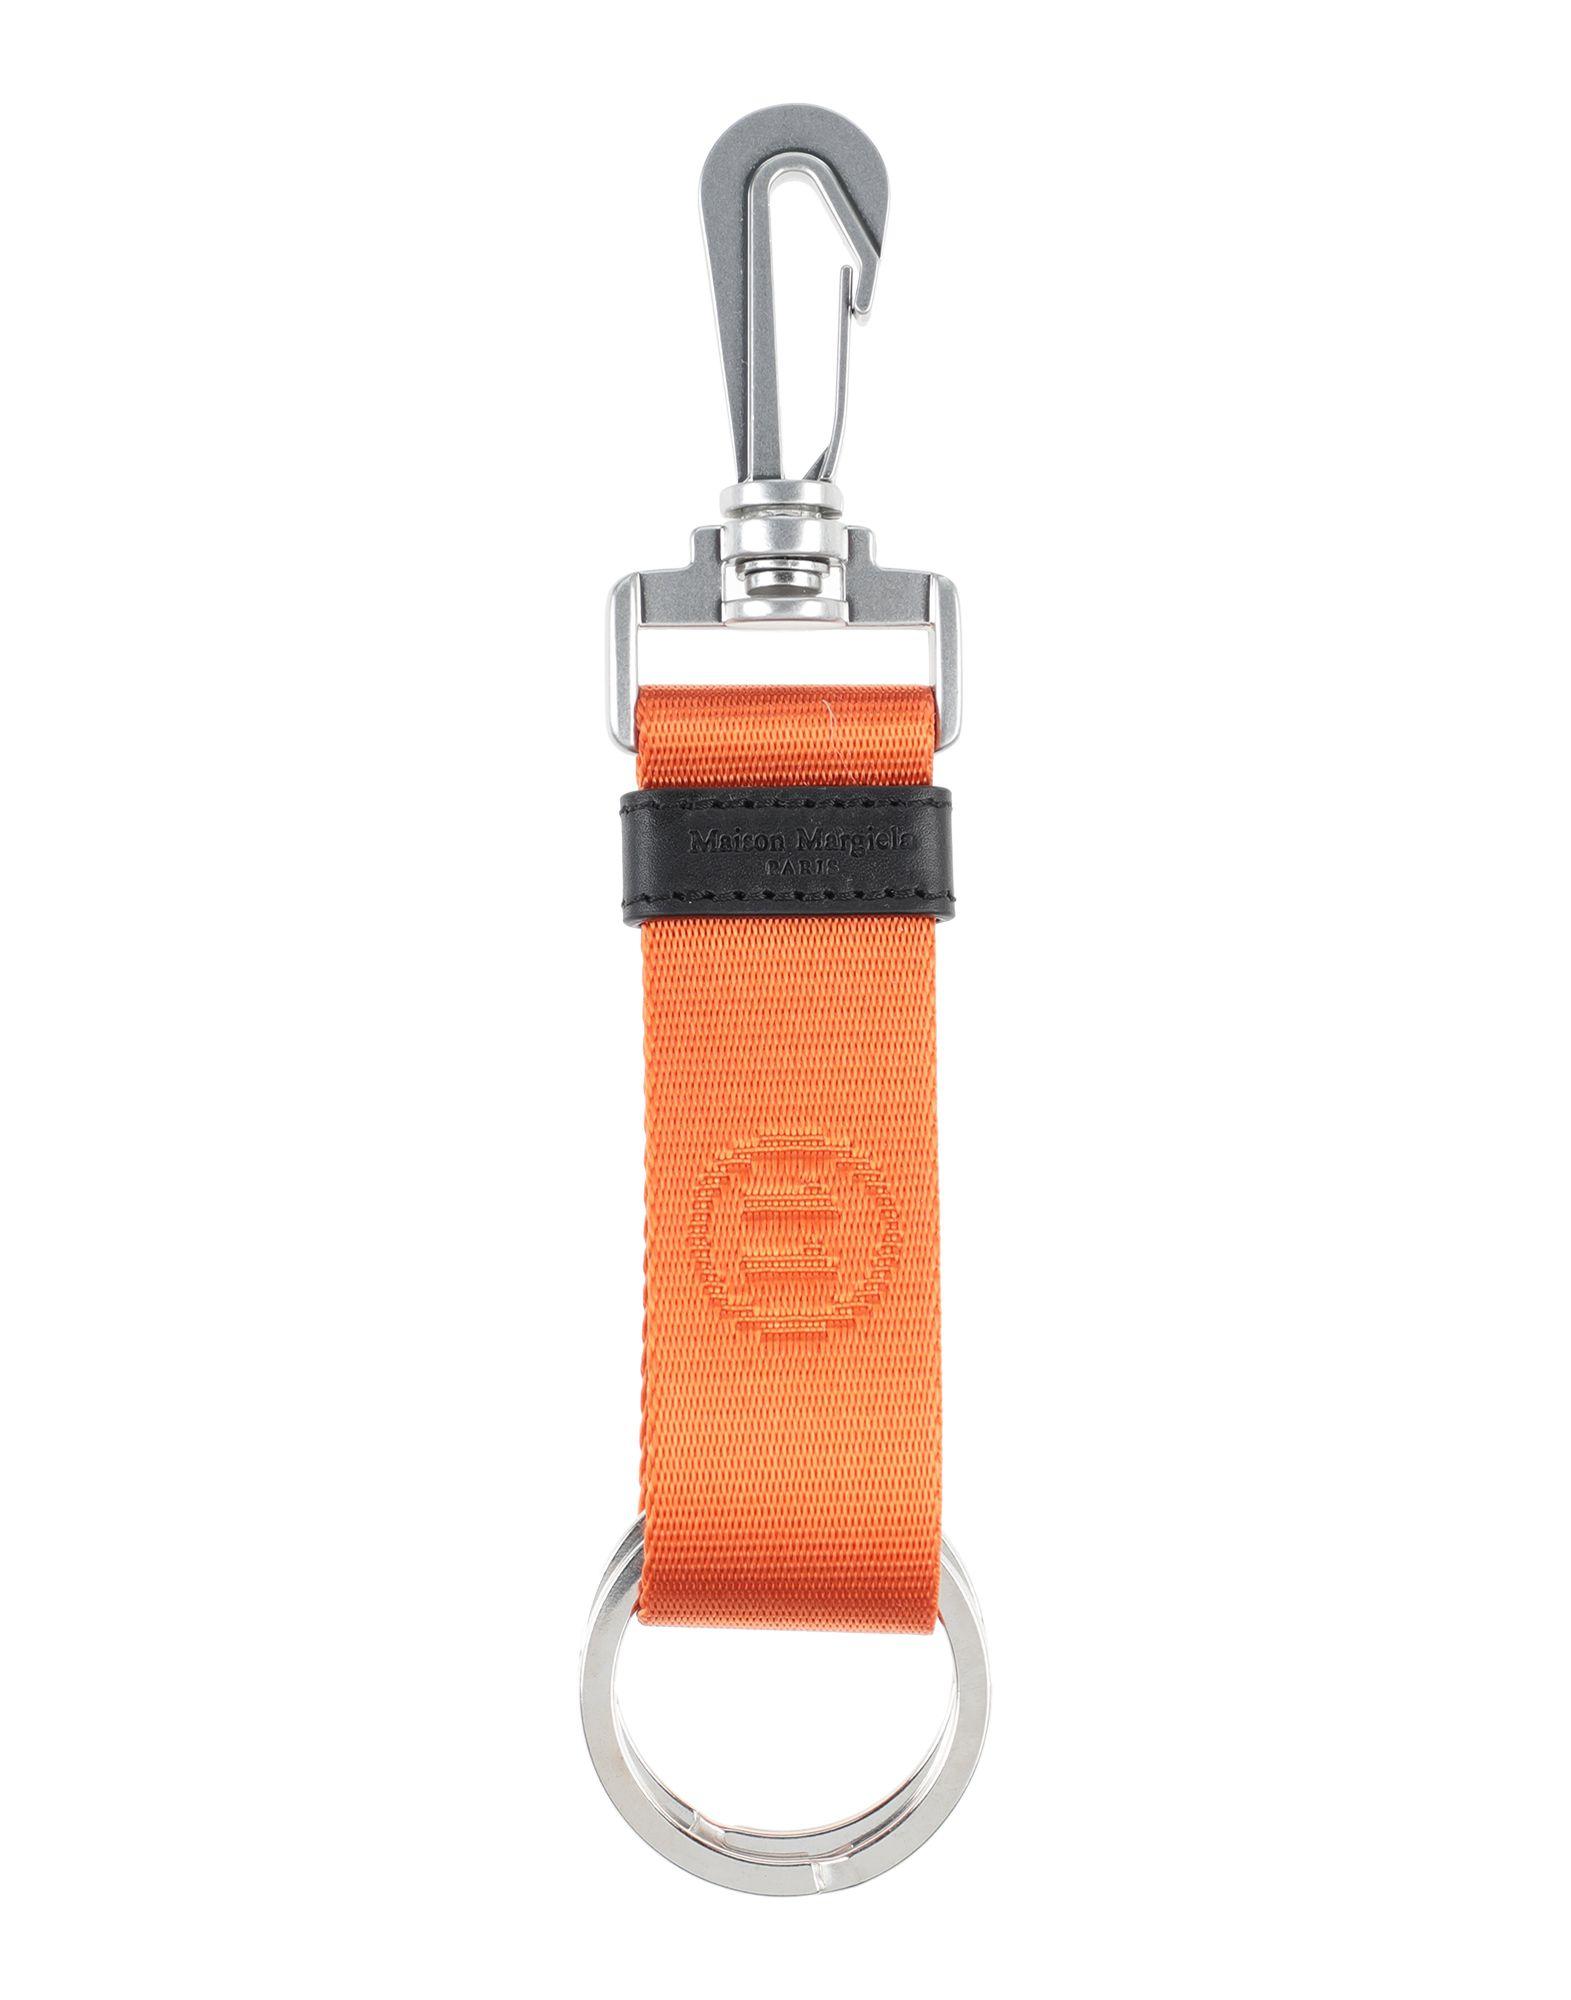 《セール開催中》MAISON MARGIELA メンズ キーホルダー オレンジ ポリエステル 100% / 金属